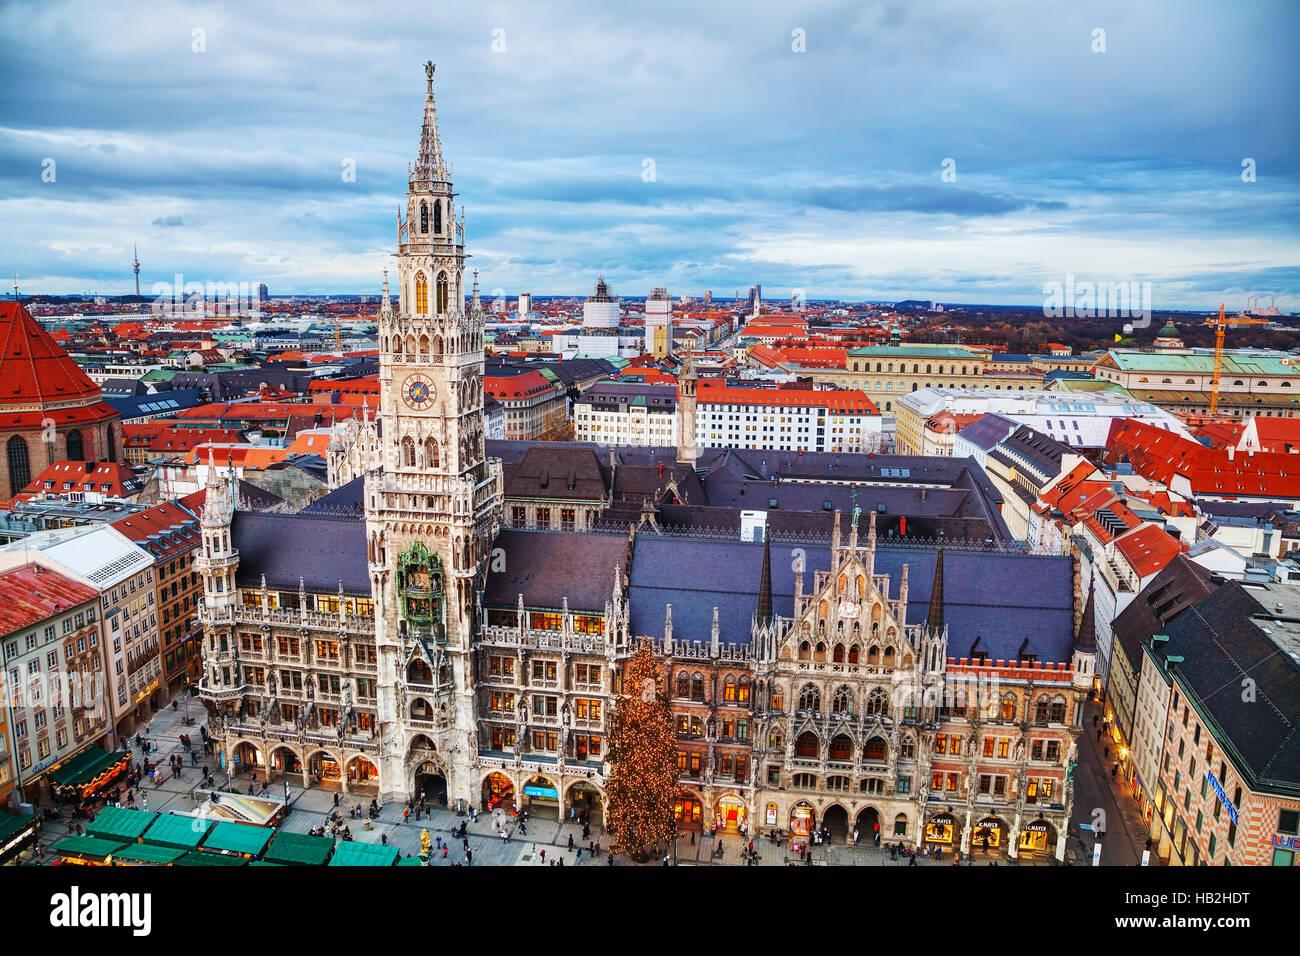 Vista aérea de la plaza Marienplatz en Munich Imagen De Stock